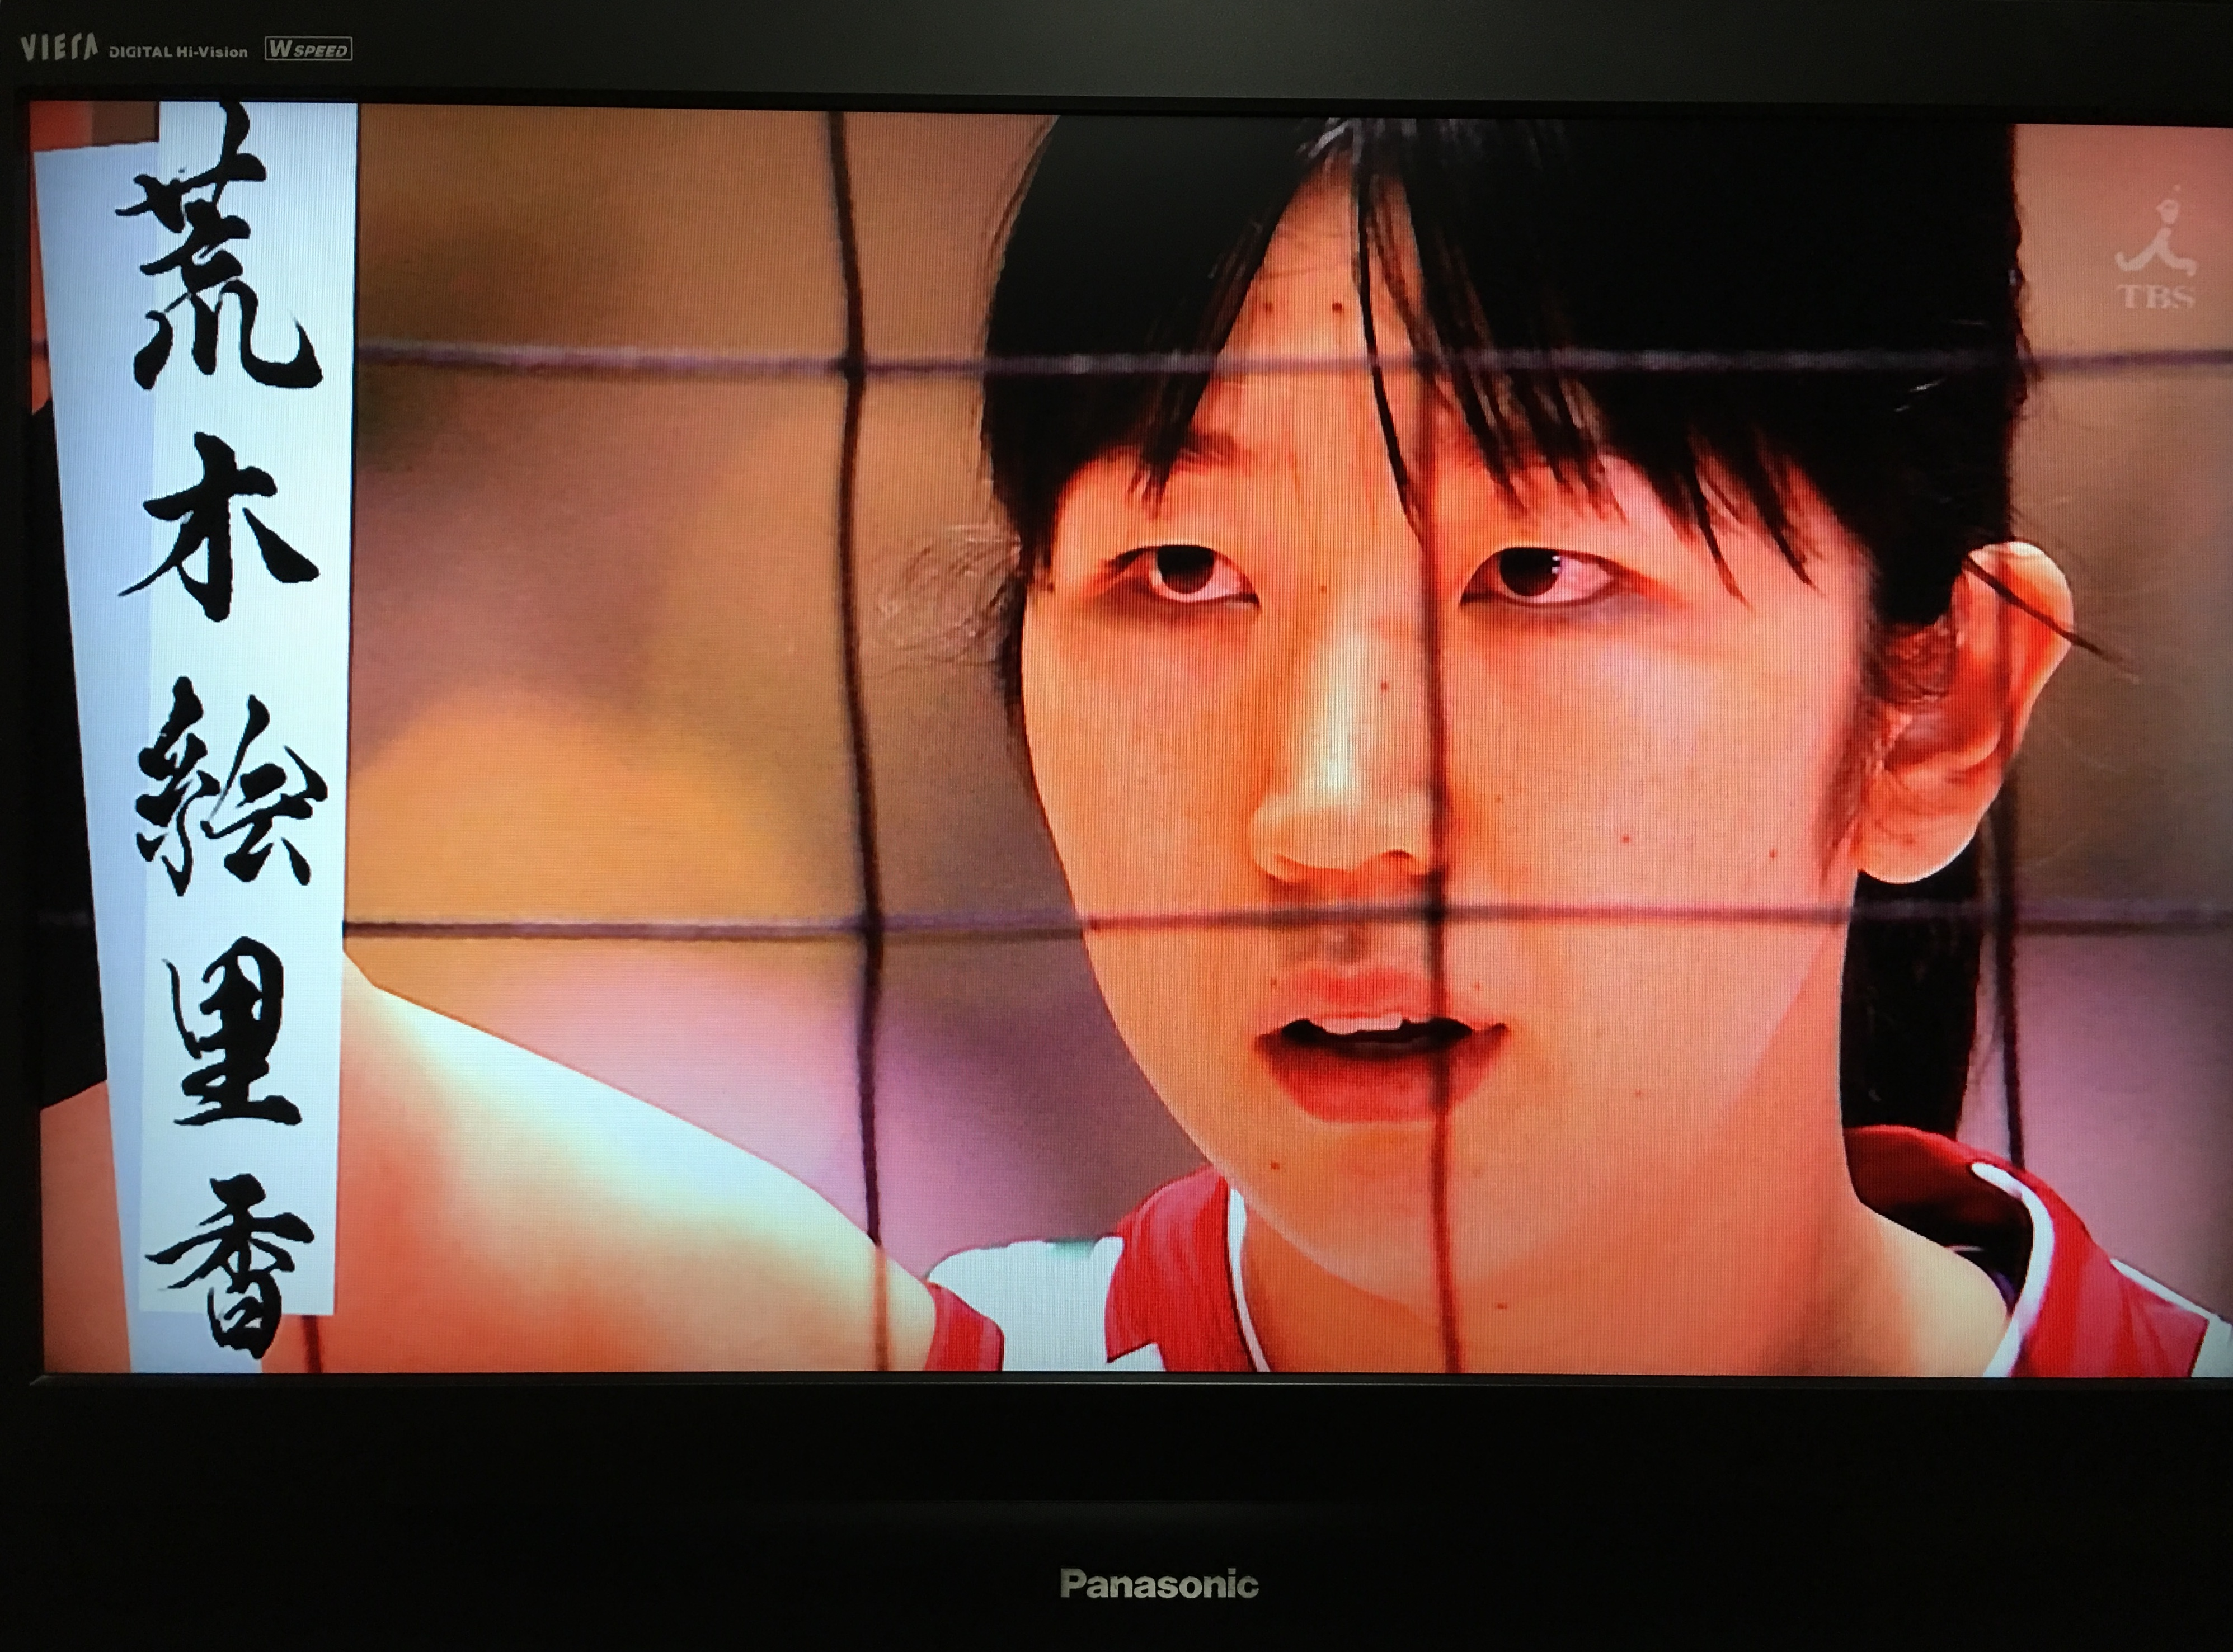 TBSテレビ「2018 世界バレー」事前番組使用作品『荒木絵里香』